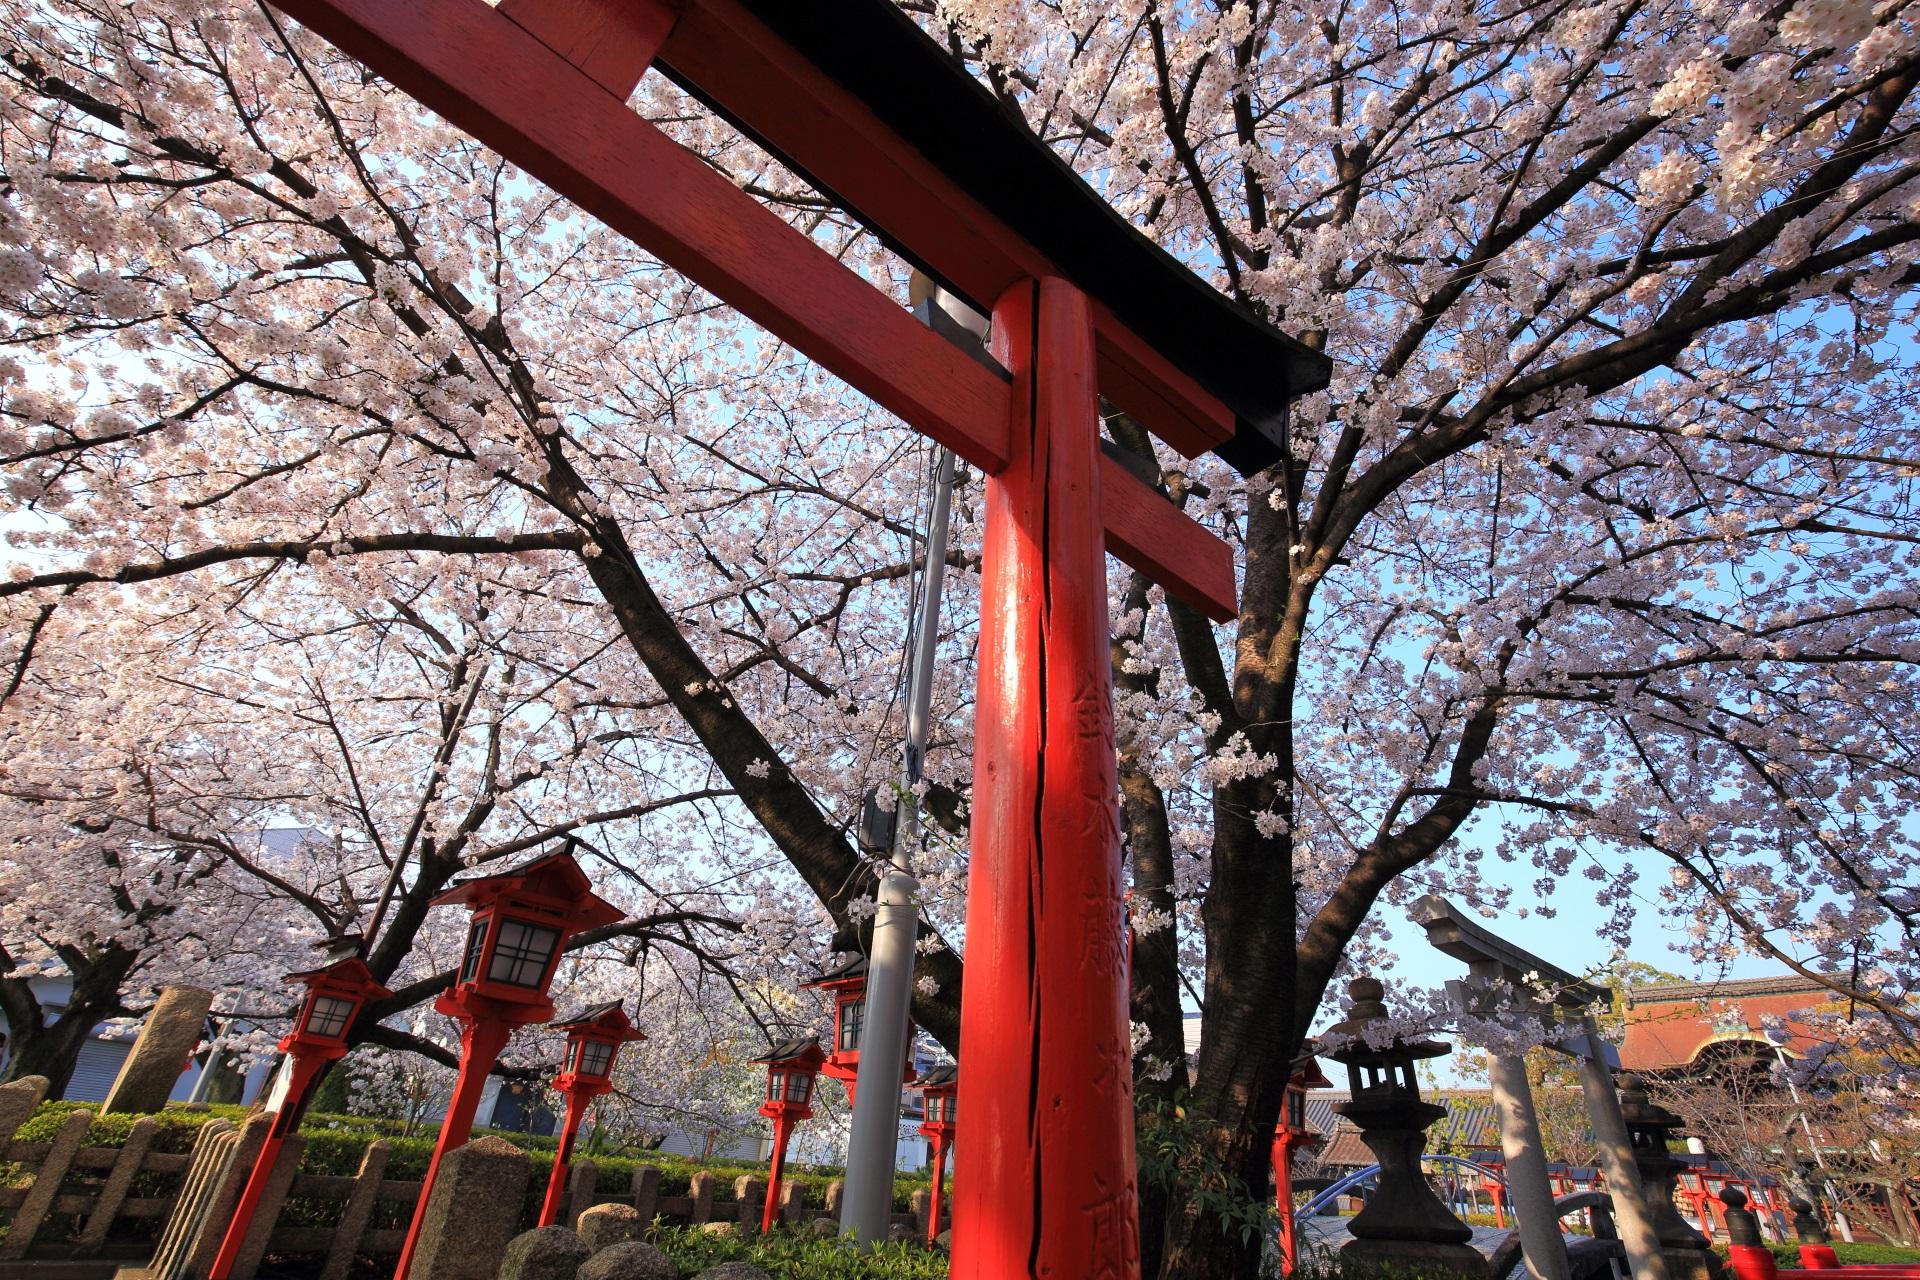 六孫王神社の鳥居の赤と桜のピンクの綺麗なコントラスト